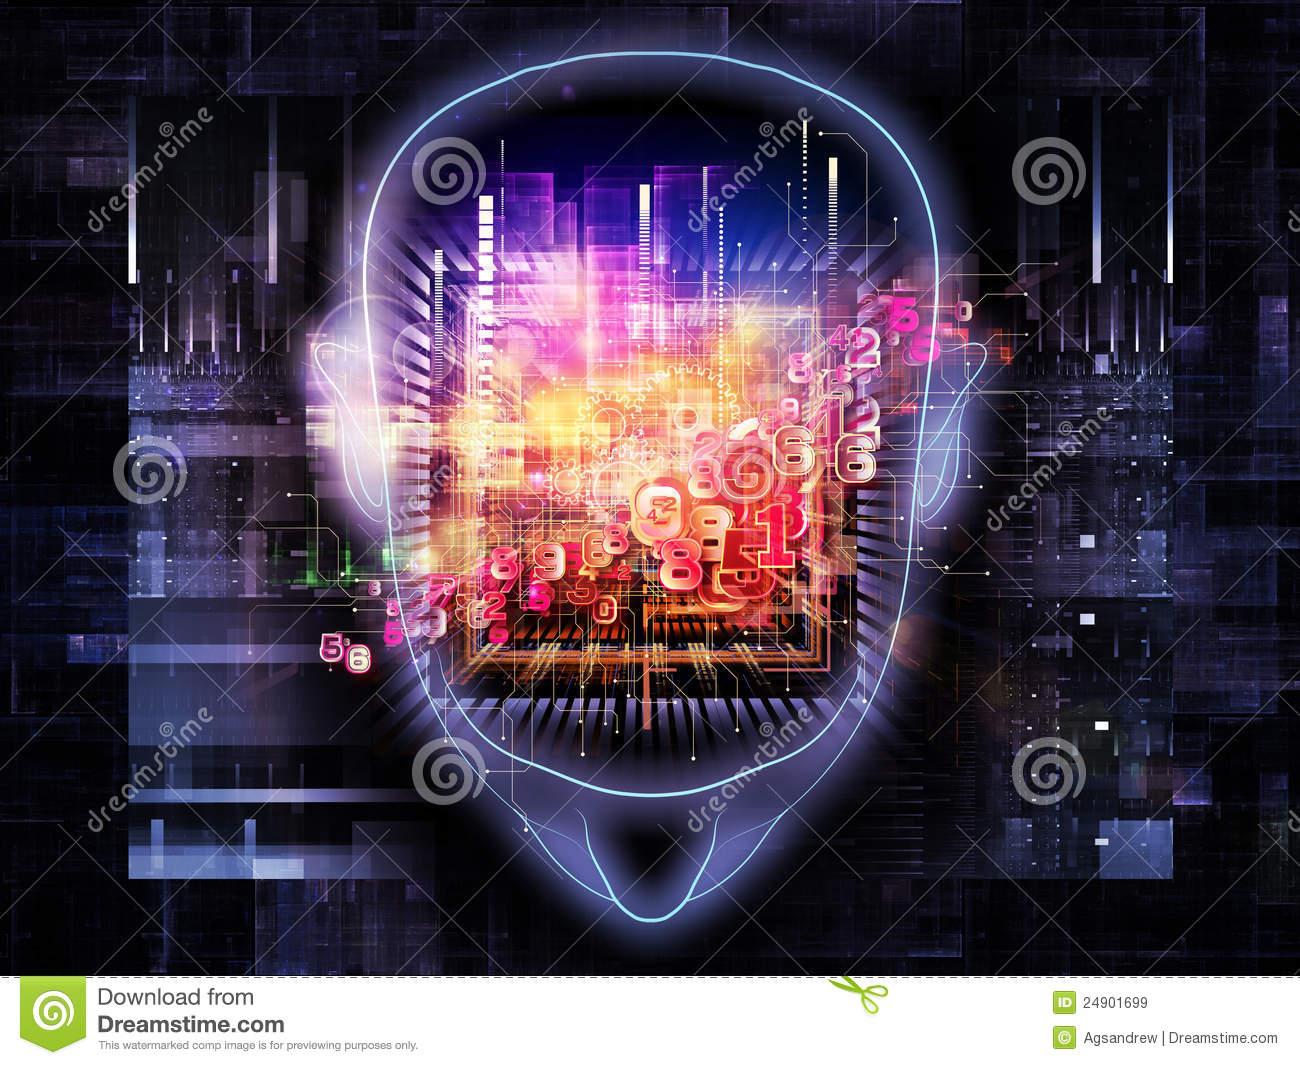 La télépathie est-elle une réalité scientifique?